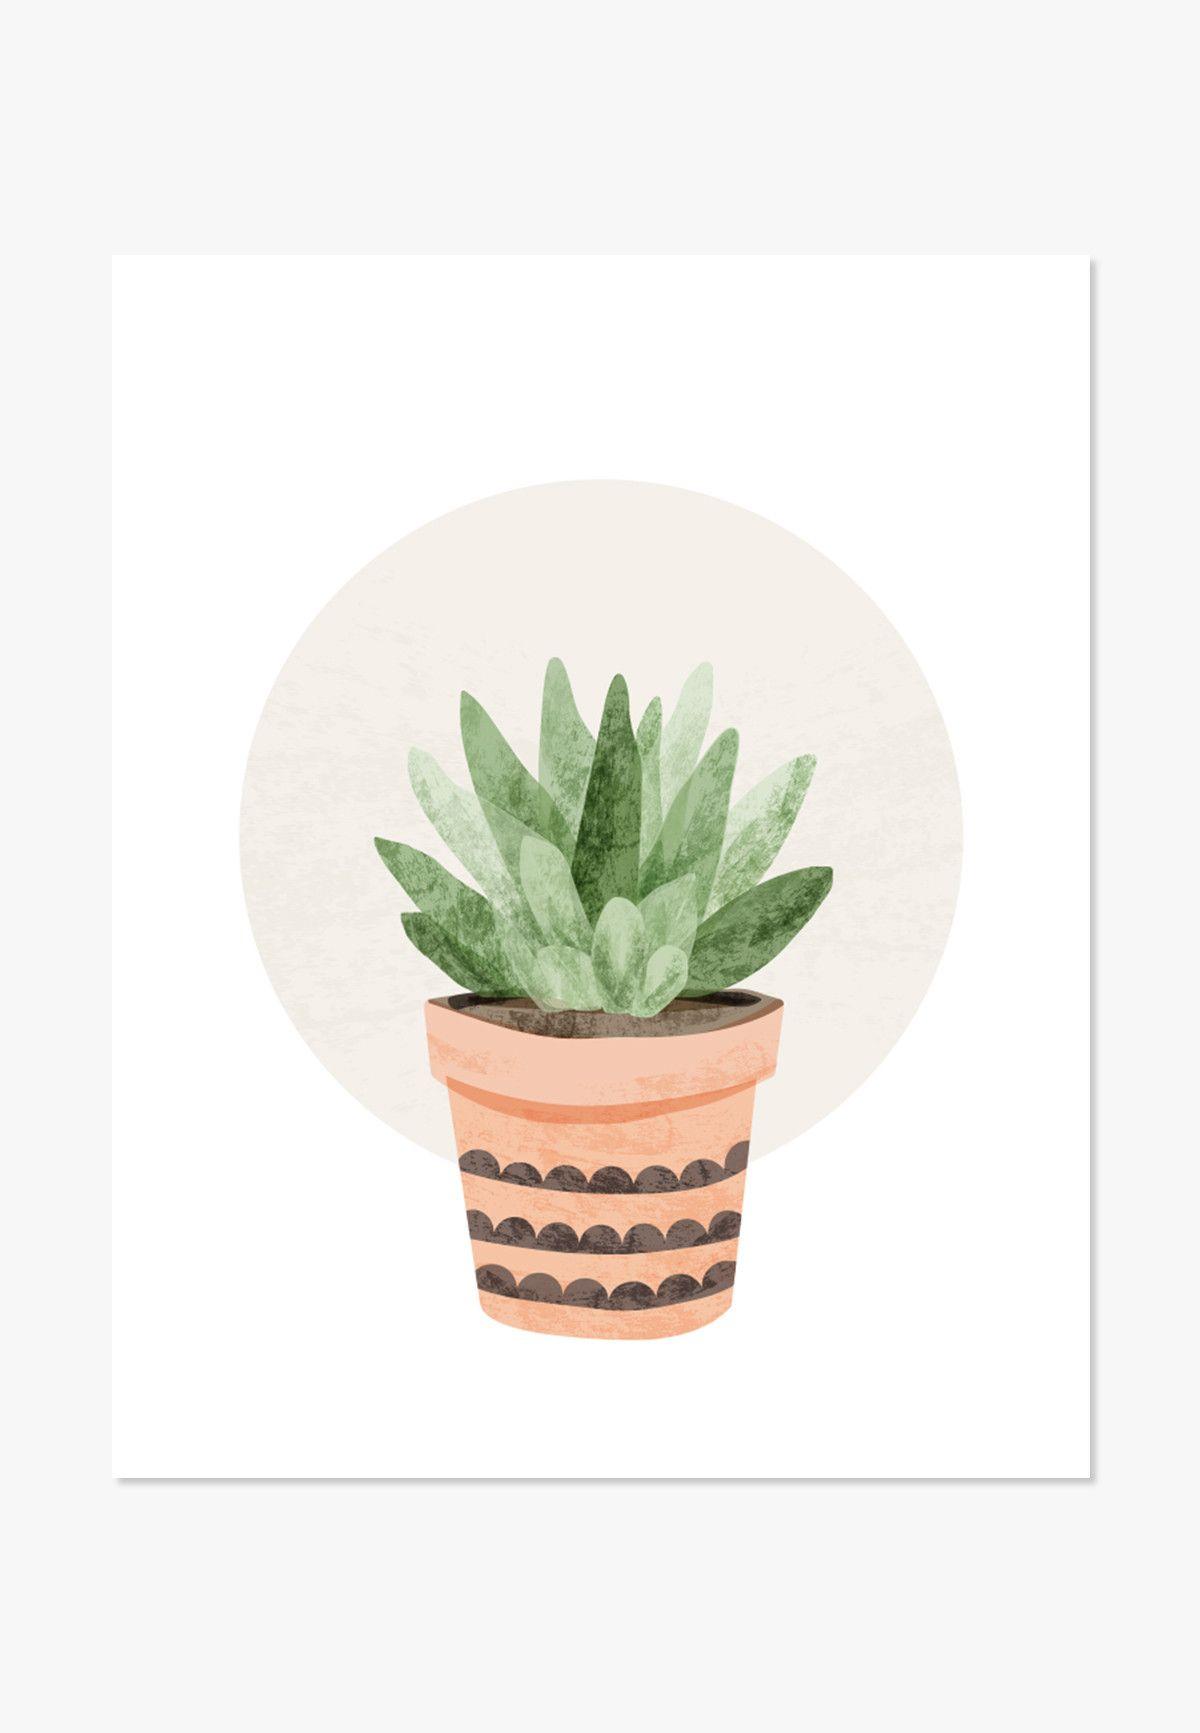 Drawn plant cactus succulent Print: Small  succulent plants